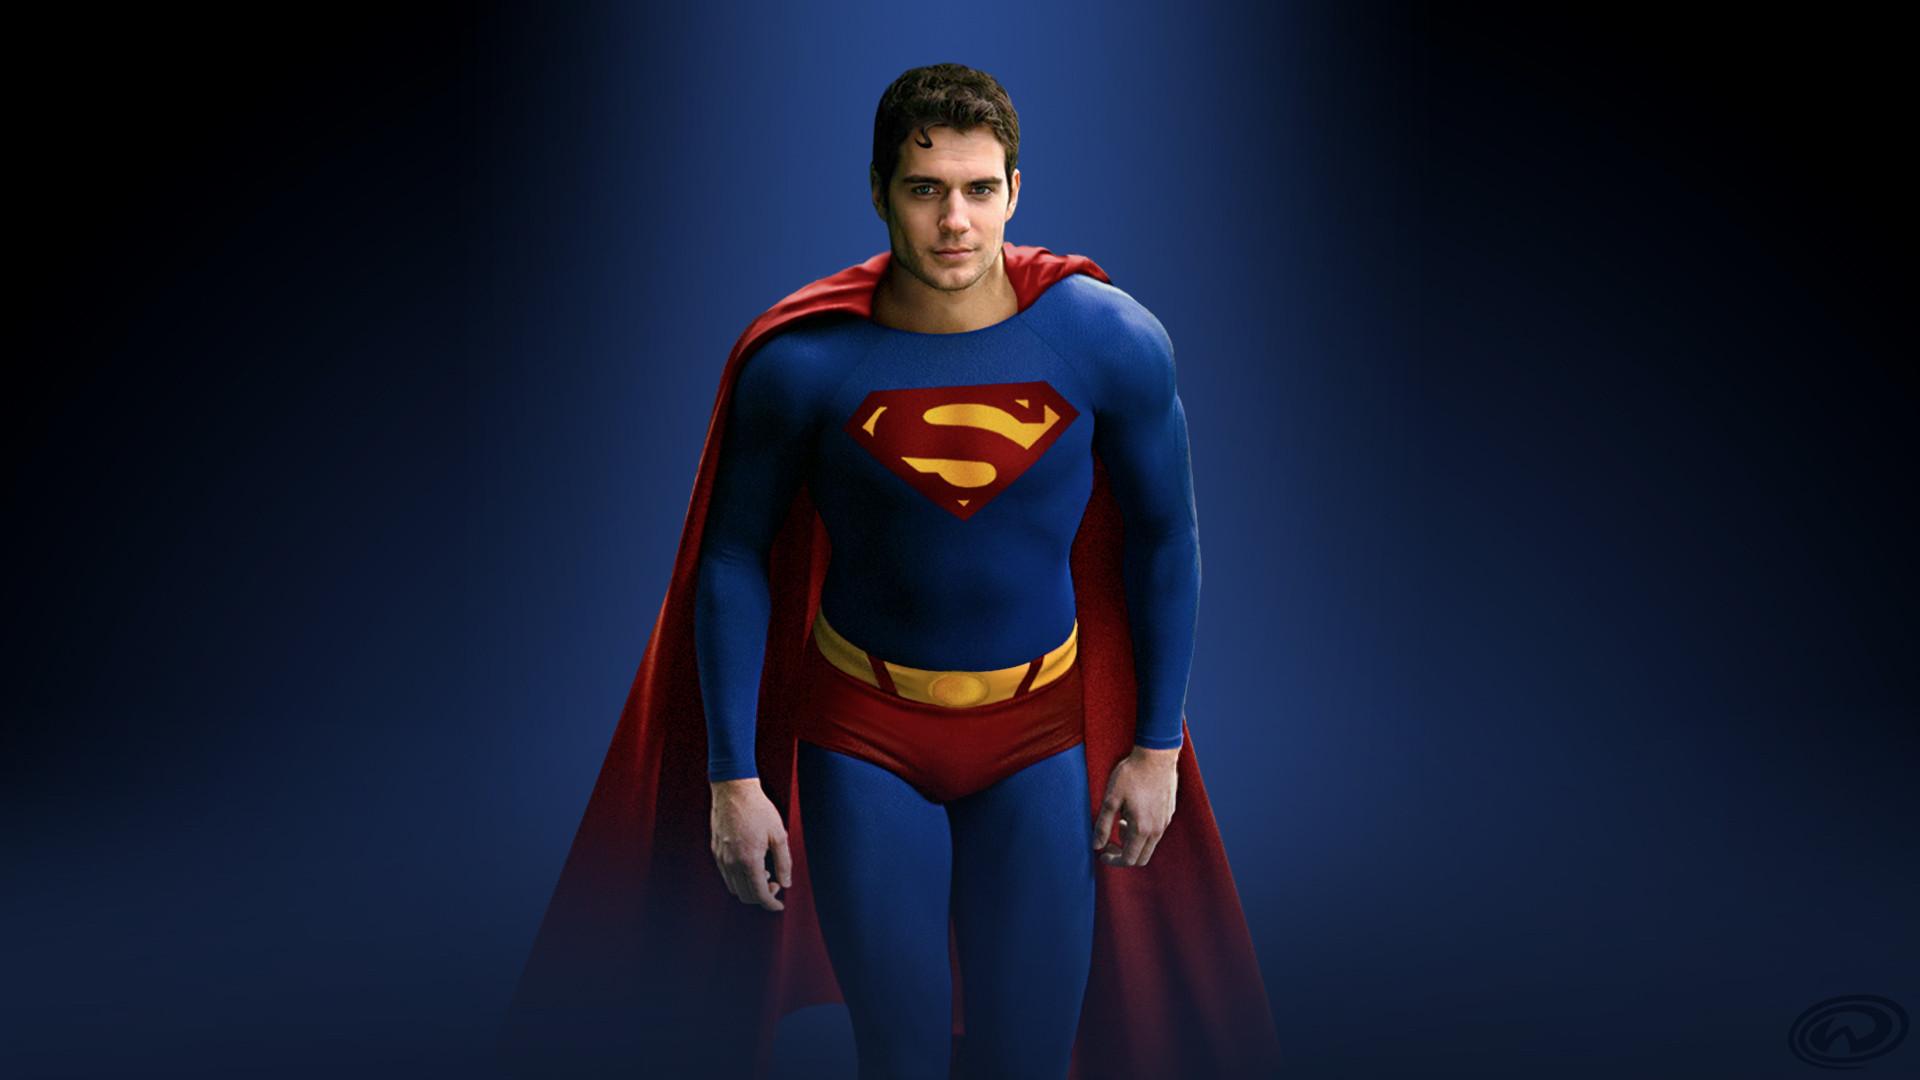 Henry Cavill Superman Wallpaper Henry cavill superman 1920x1080